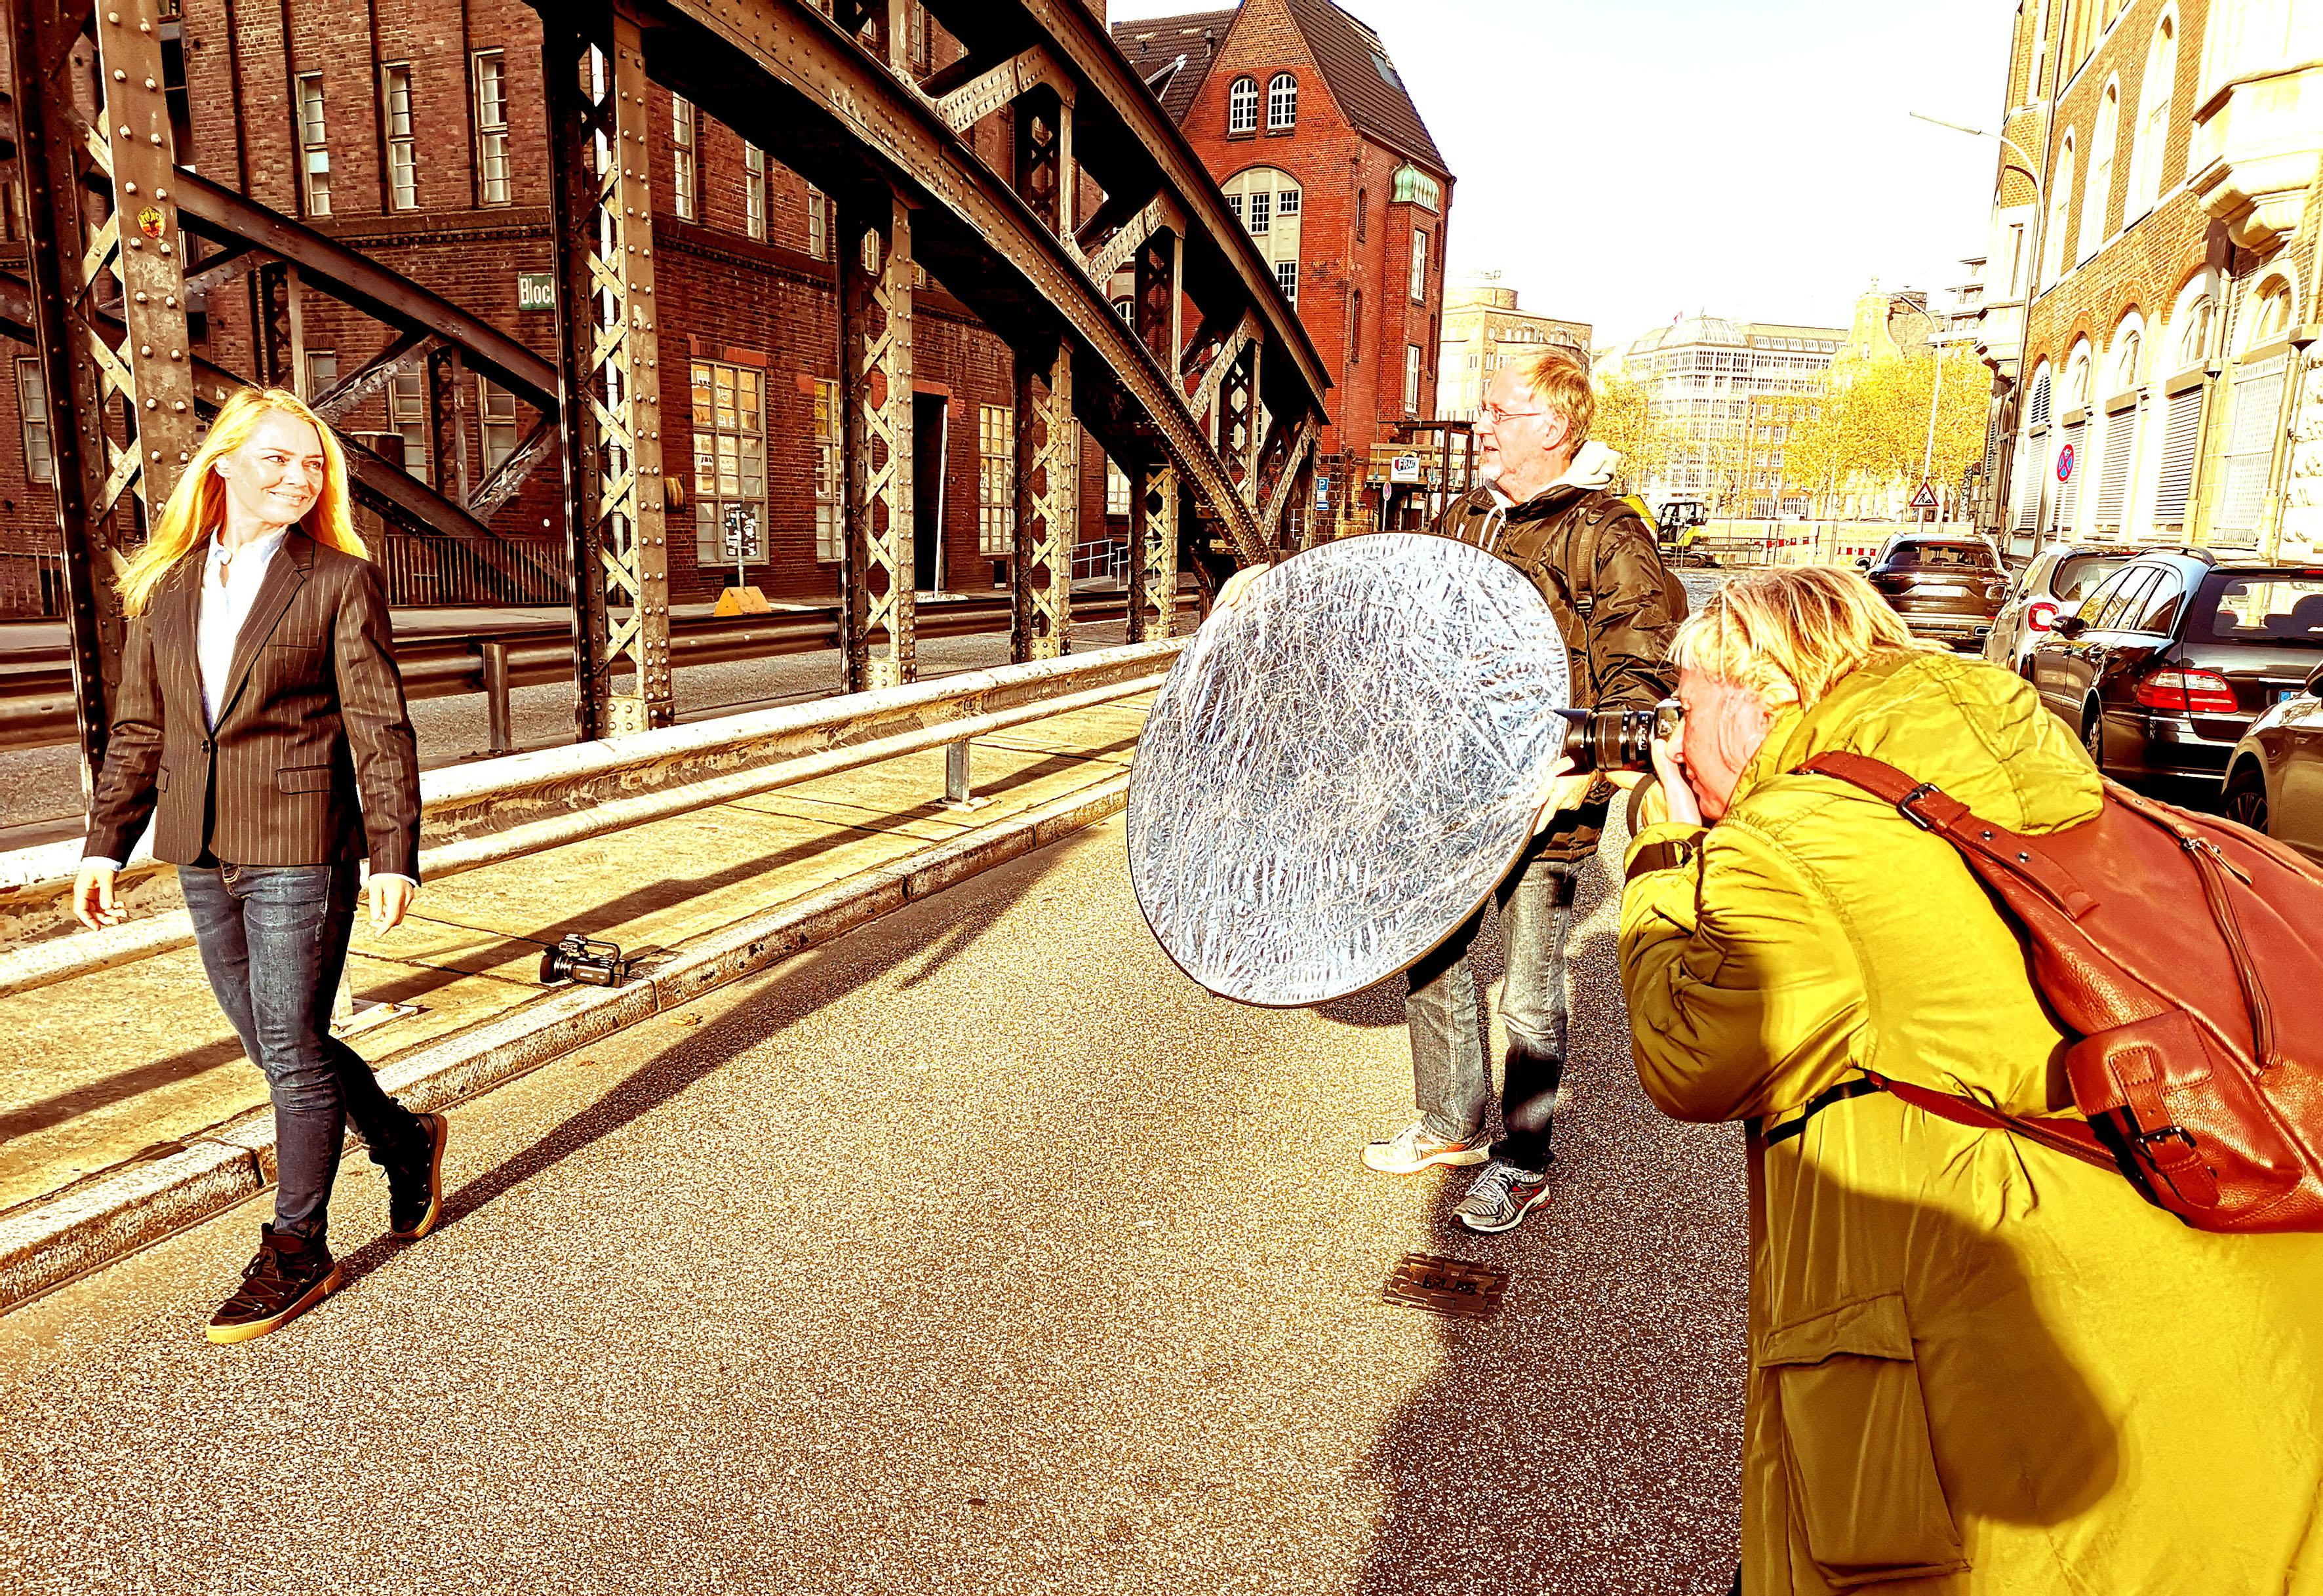 Foto: Michael B. Rehders - Nach einer kurzen Einführung fotografiert die Gewinnerin des Fotowettbewerbs, Bianca, mit großer Leidenschaft.